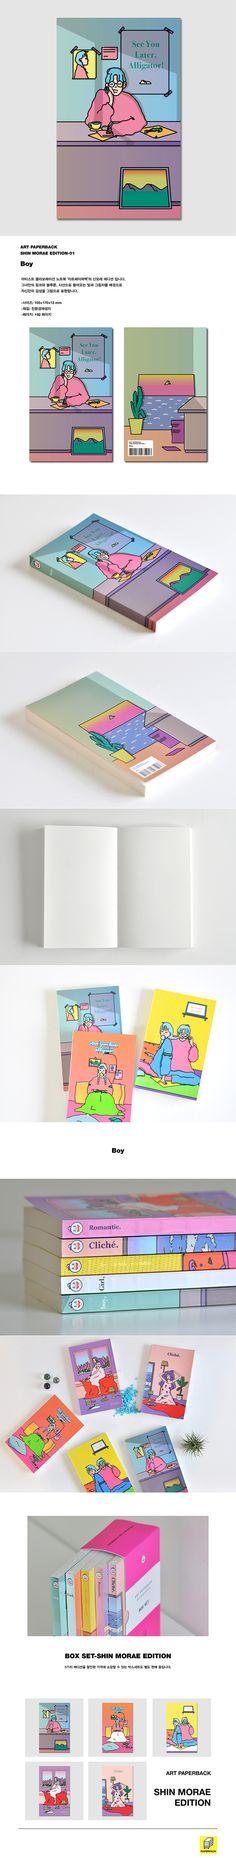 SHINMORAE Edition 01-Boy 6,000원 - 페이퍼팩 , , , 바보사랑 SHINMORAE Edition 01-Boy 6,000원 - 페이퍼팩 , , , 바보사랑